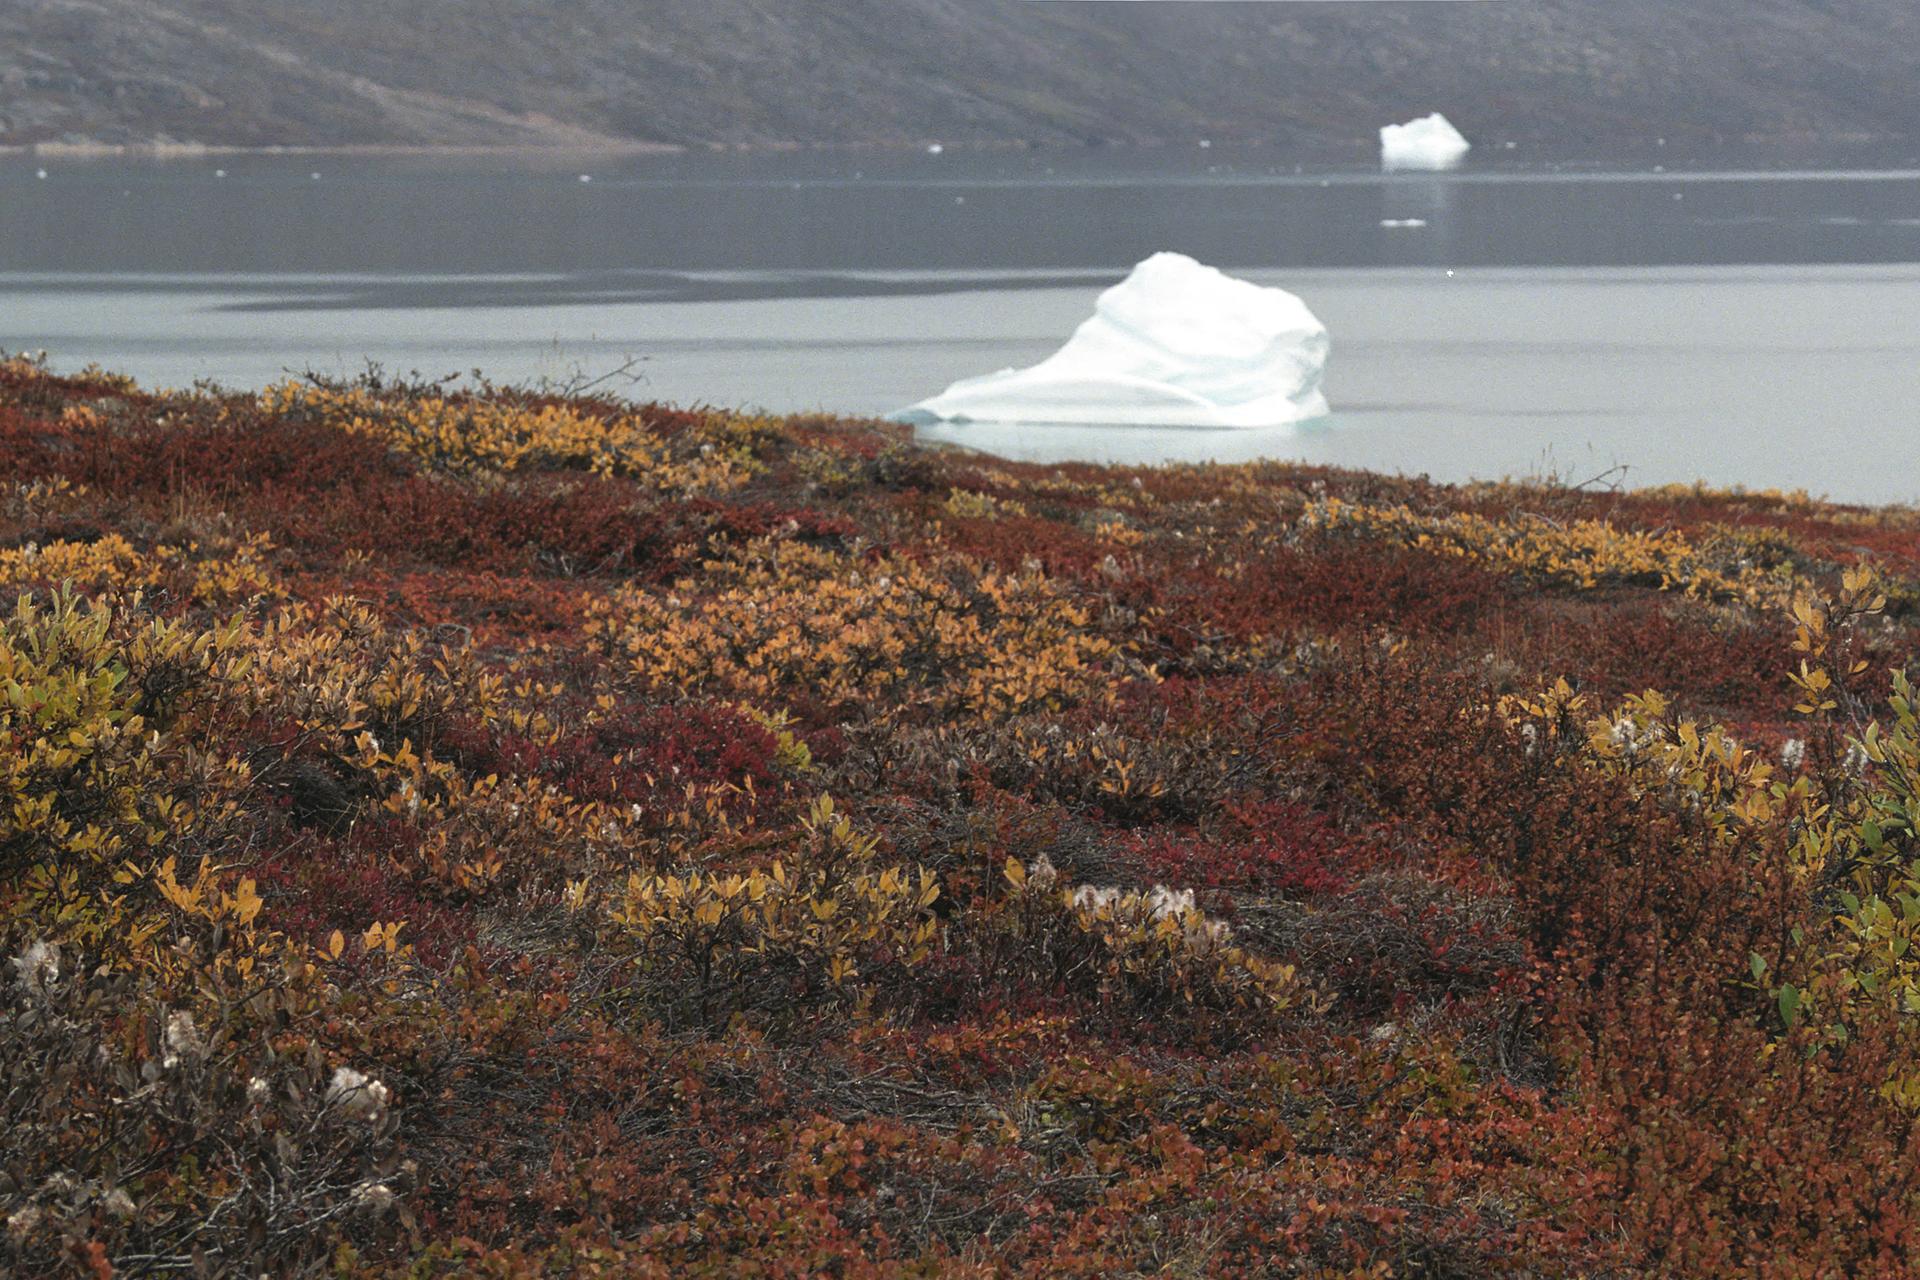 Fotografia przedstawia wdolnej części rude, brązowe iżółte niskie krzewinki na skałach. Wgórnej części znajduje się zbiornik wodny zpływającymi białymi kawałkami lodu.